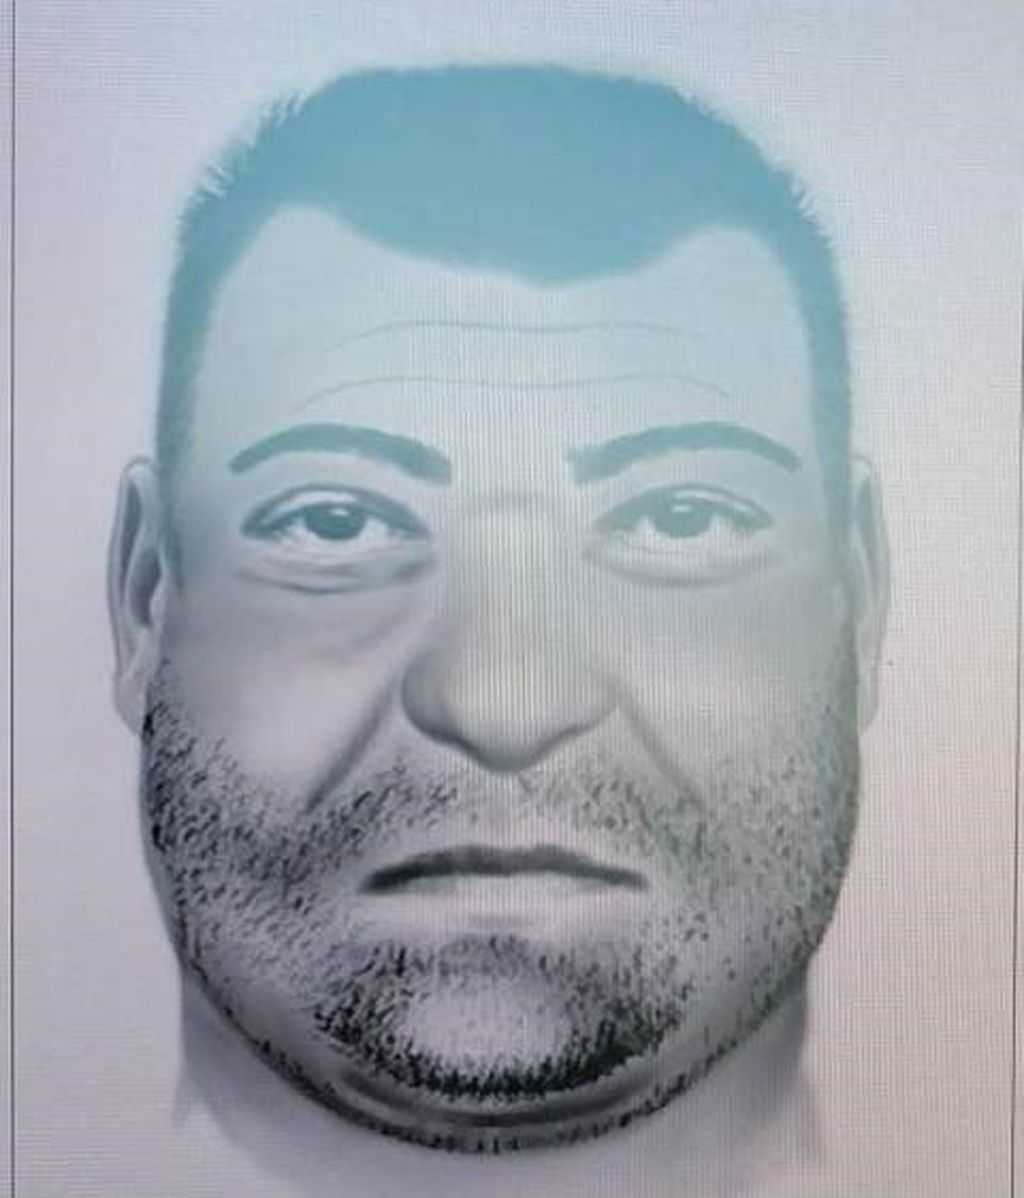 Piden ayuda para identificar el cadáver de un hombre hallado en Tarragona: tiene las muñecas amputadas